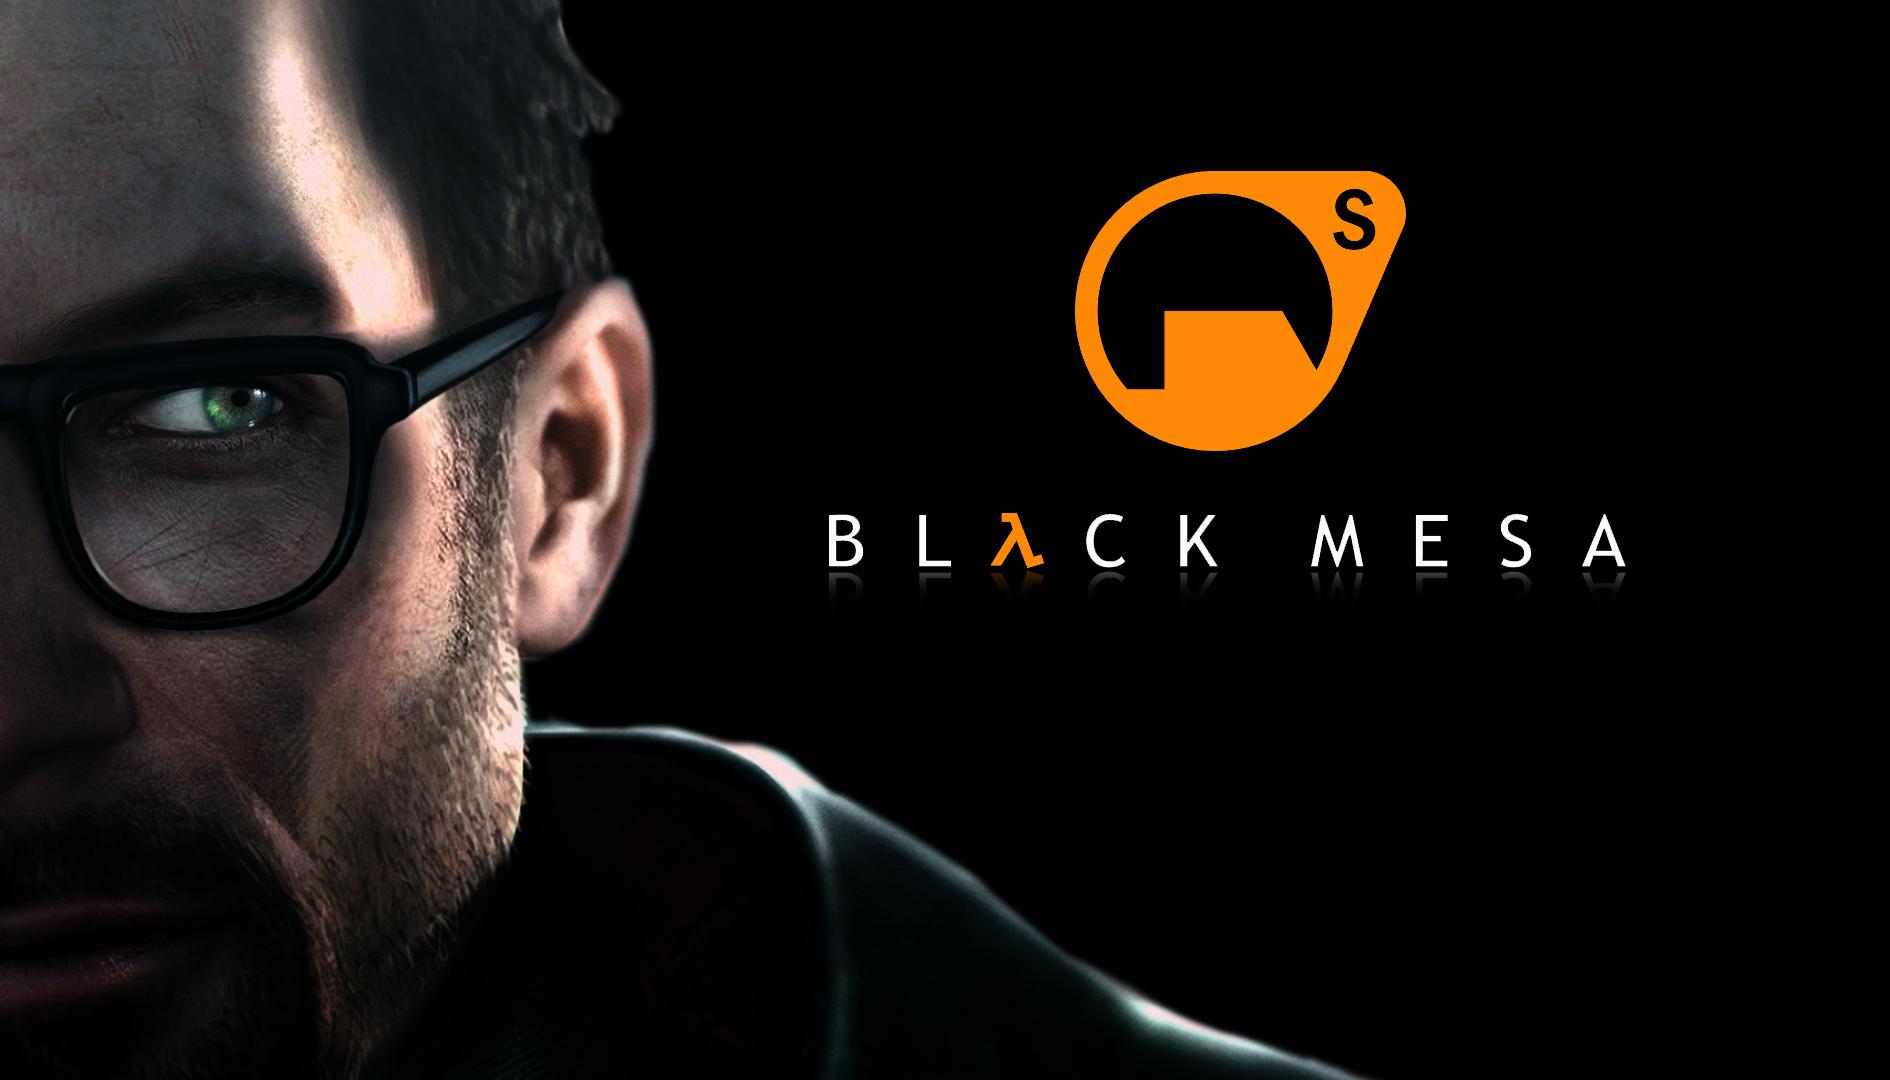 Half-Life Remake Black Mesa, arriva il trailer di lancio della versione 1.0